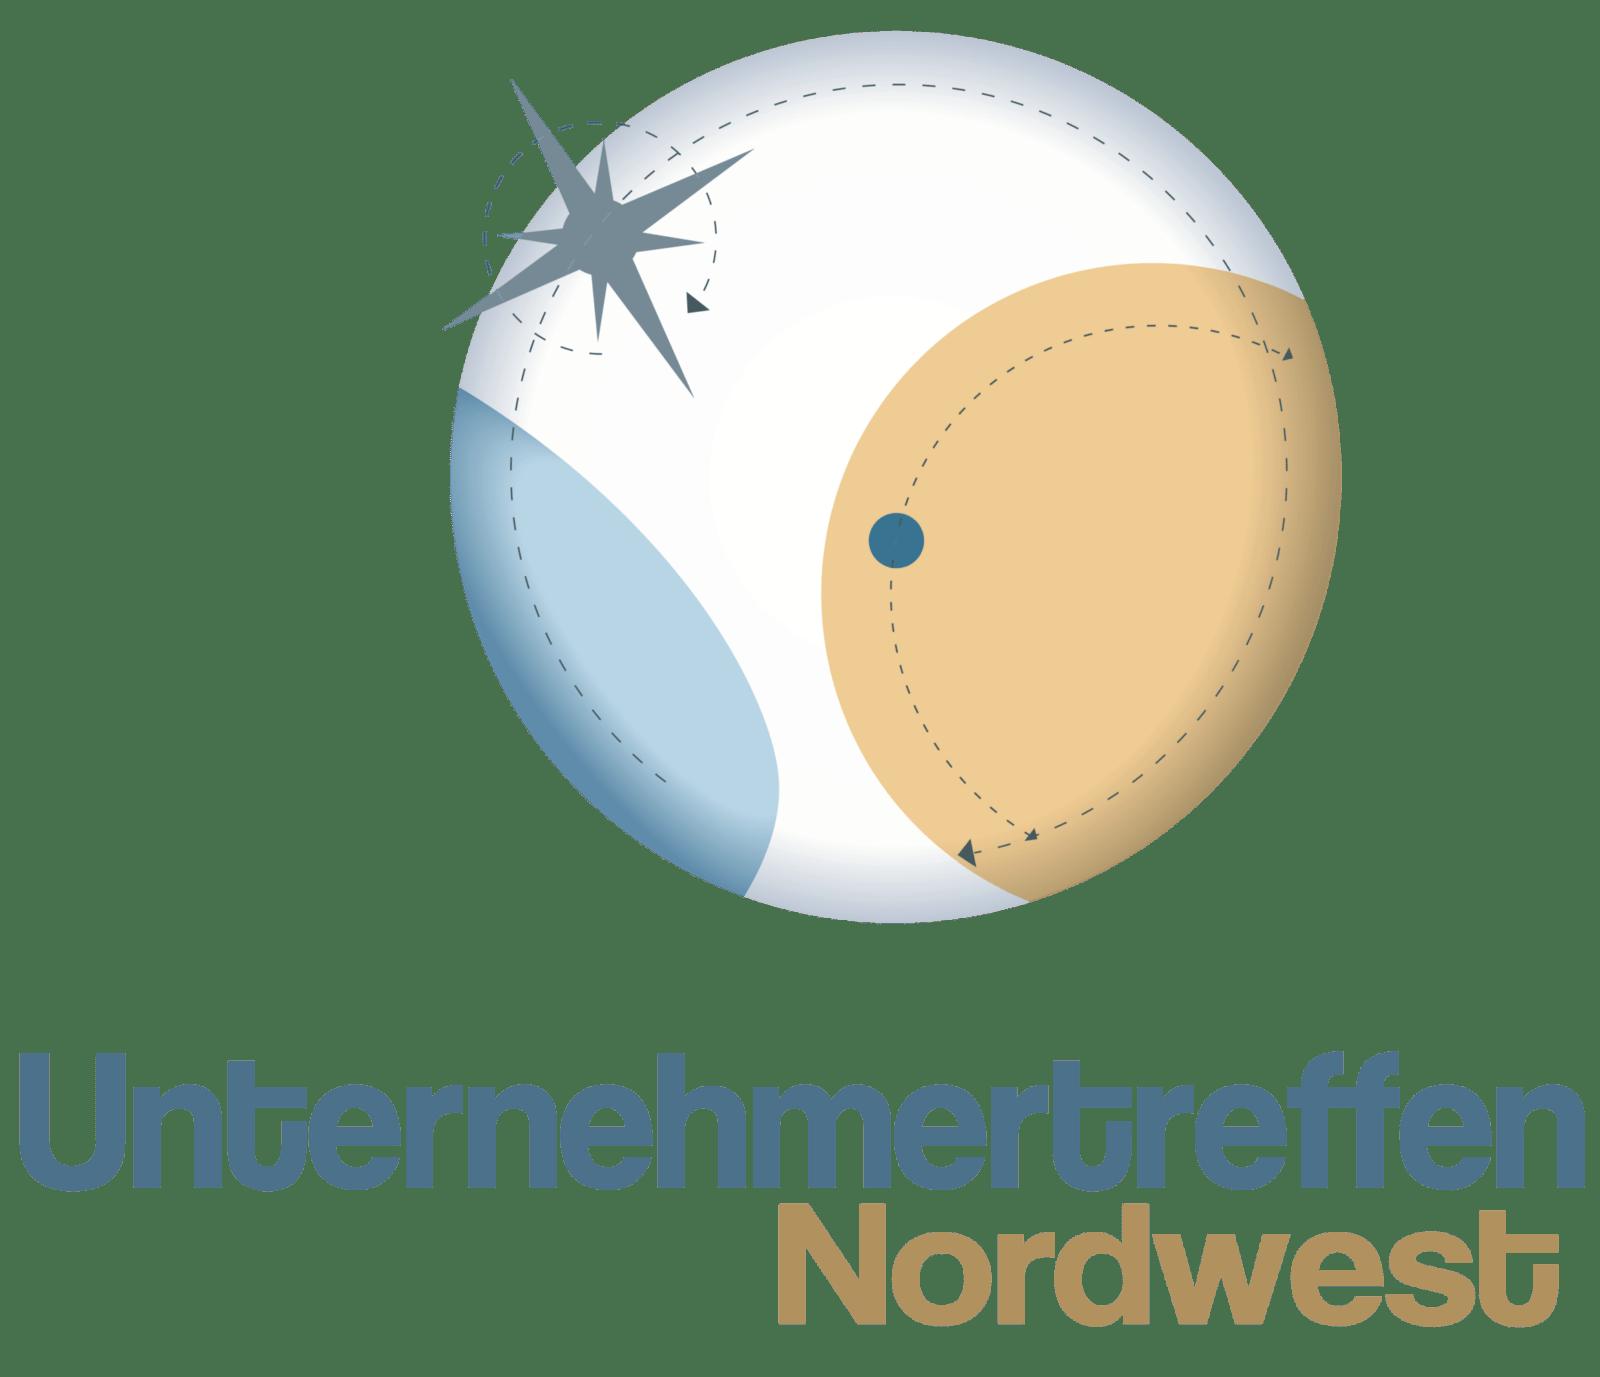 Beratungsgesellschaft Nordwest Unternehmertreffen